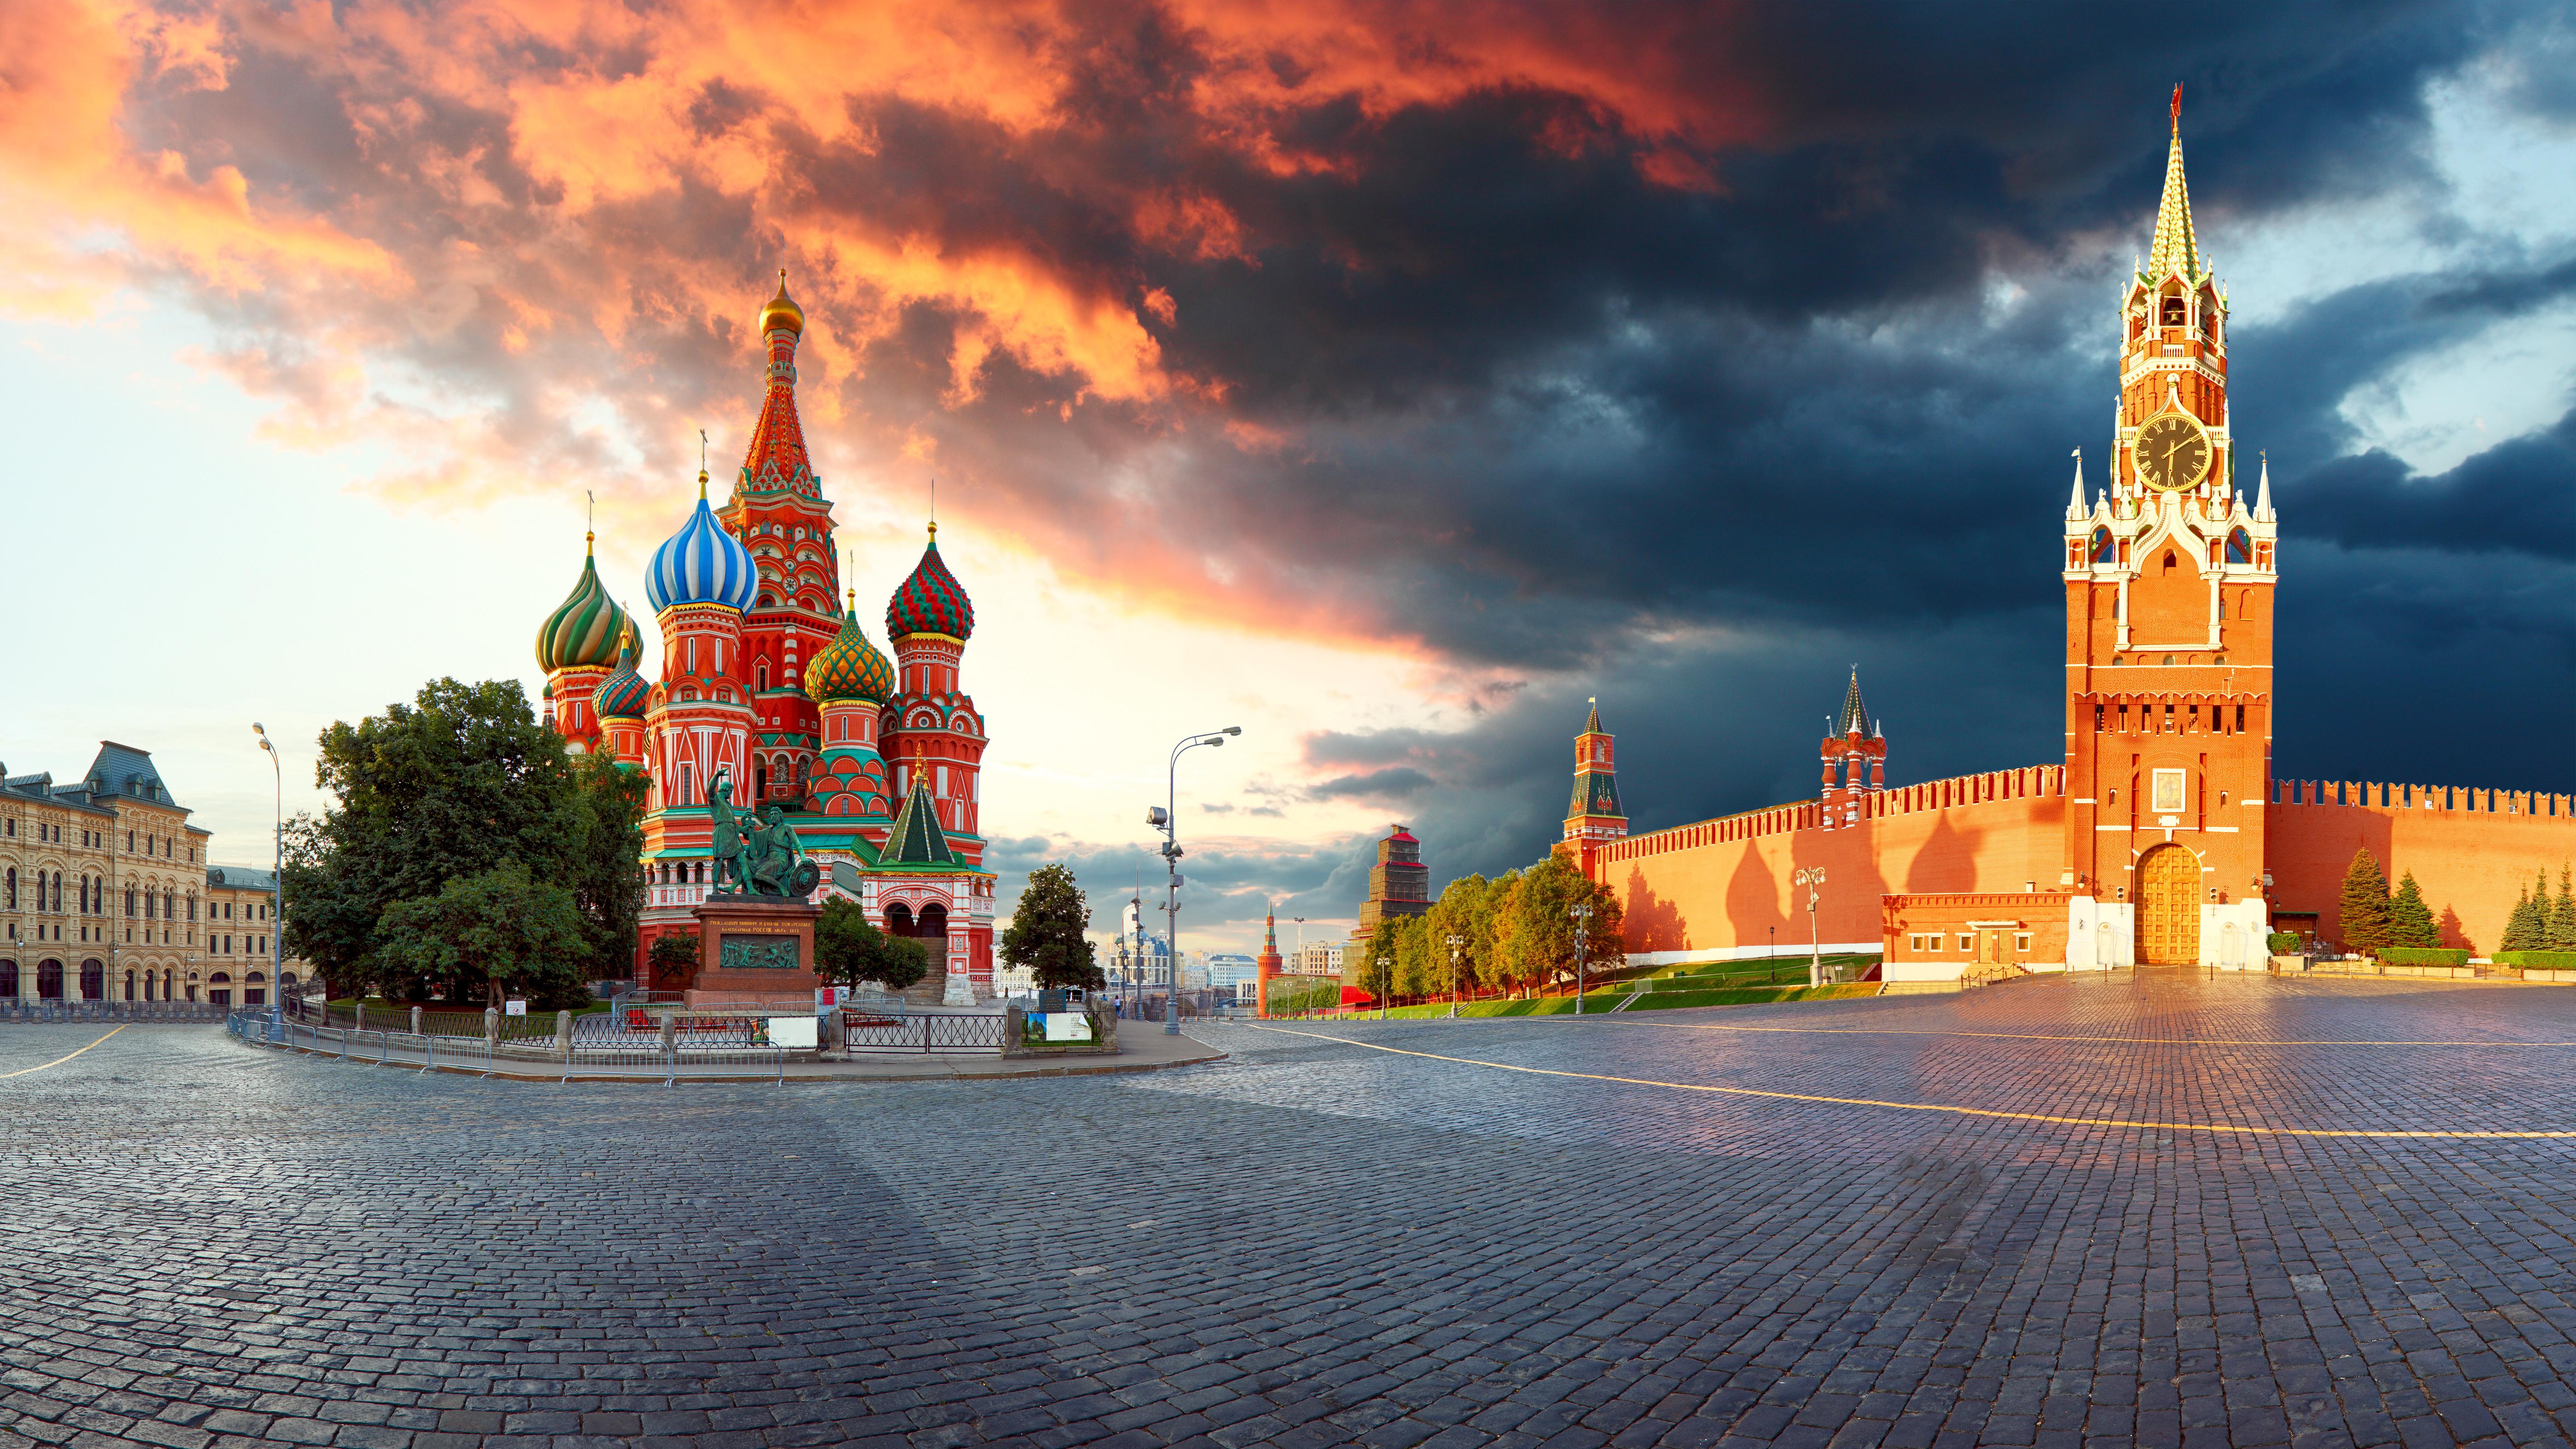 Das Wichtigste, das Sie bei einer Reise nach Russland beachten sollten